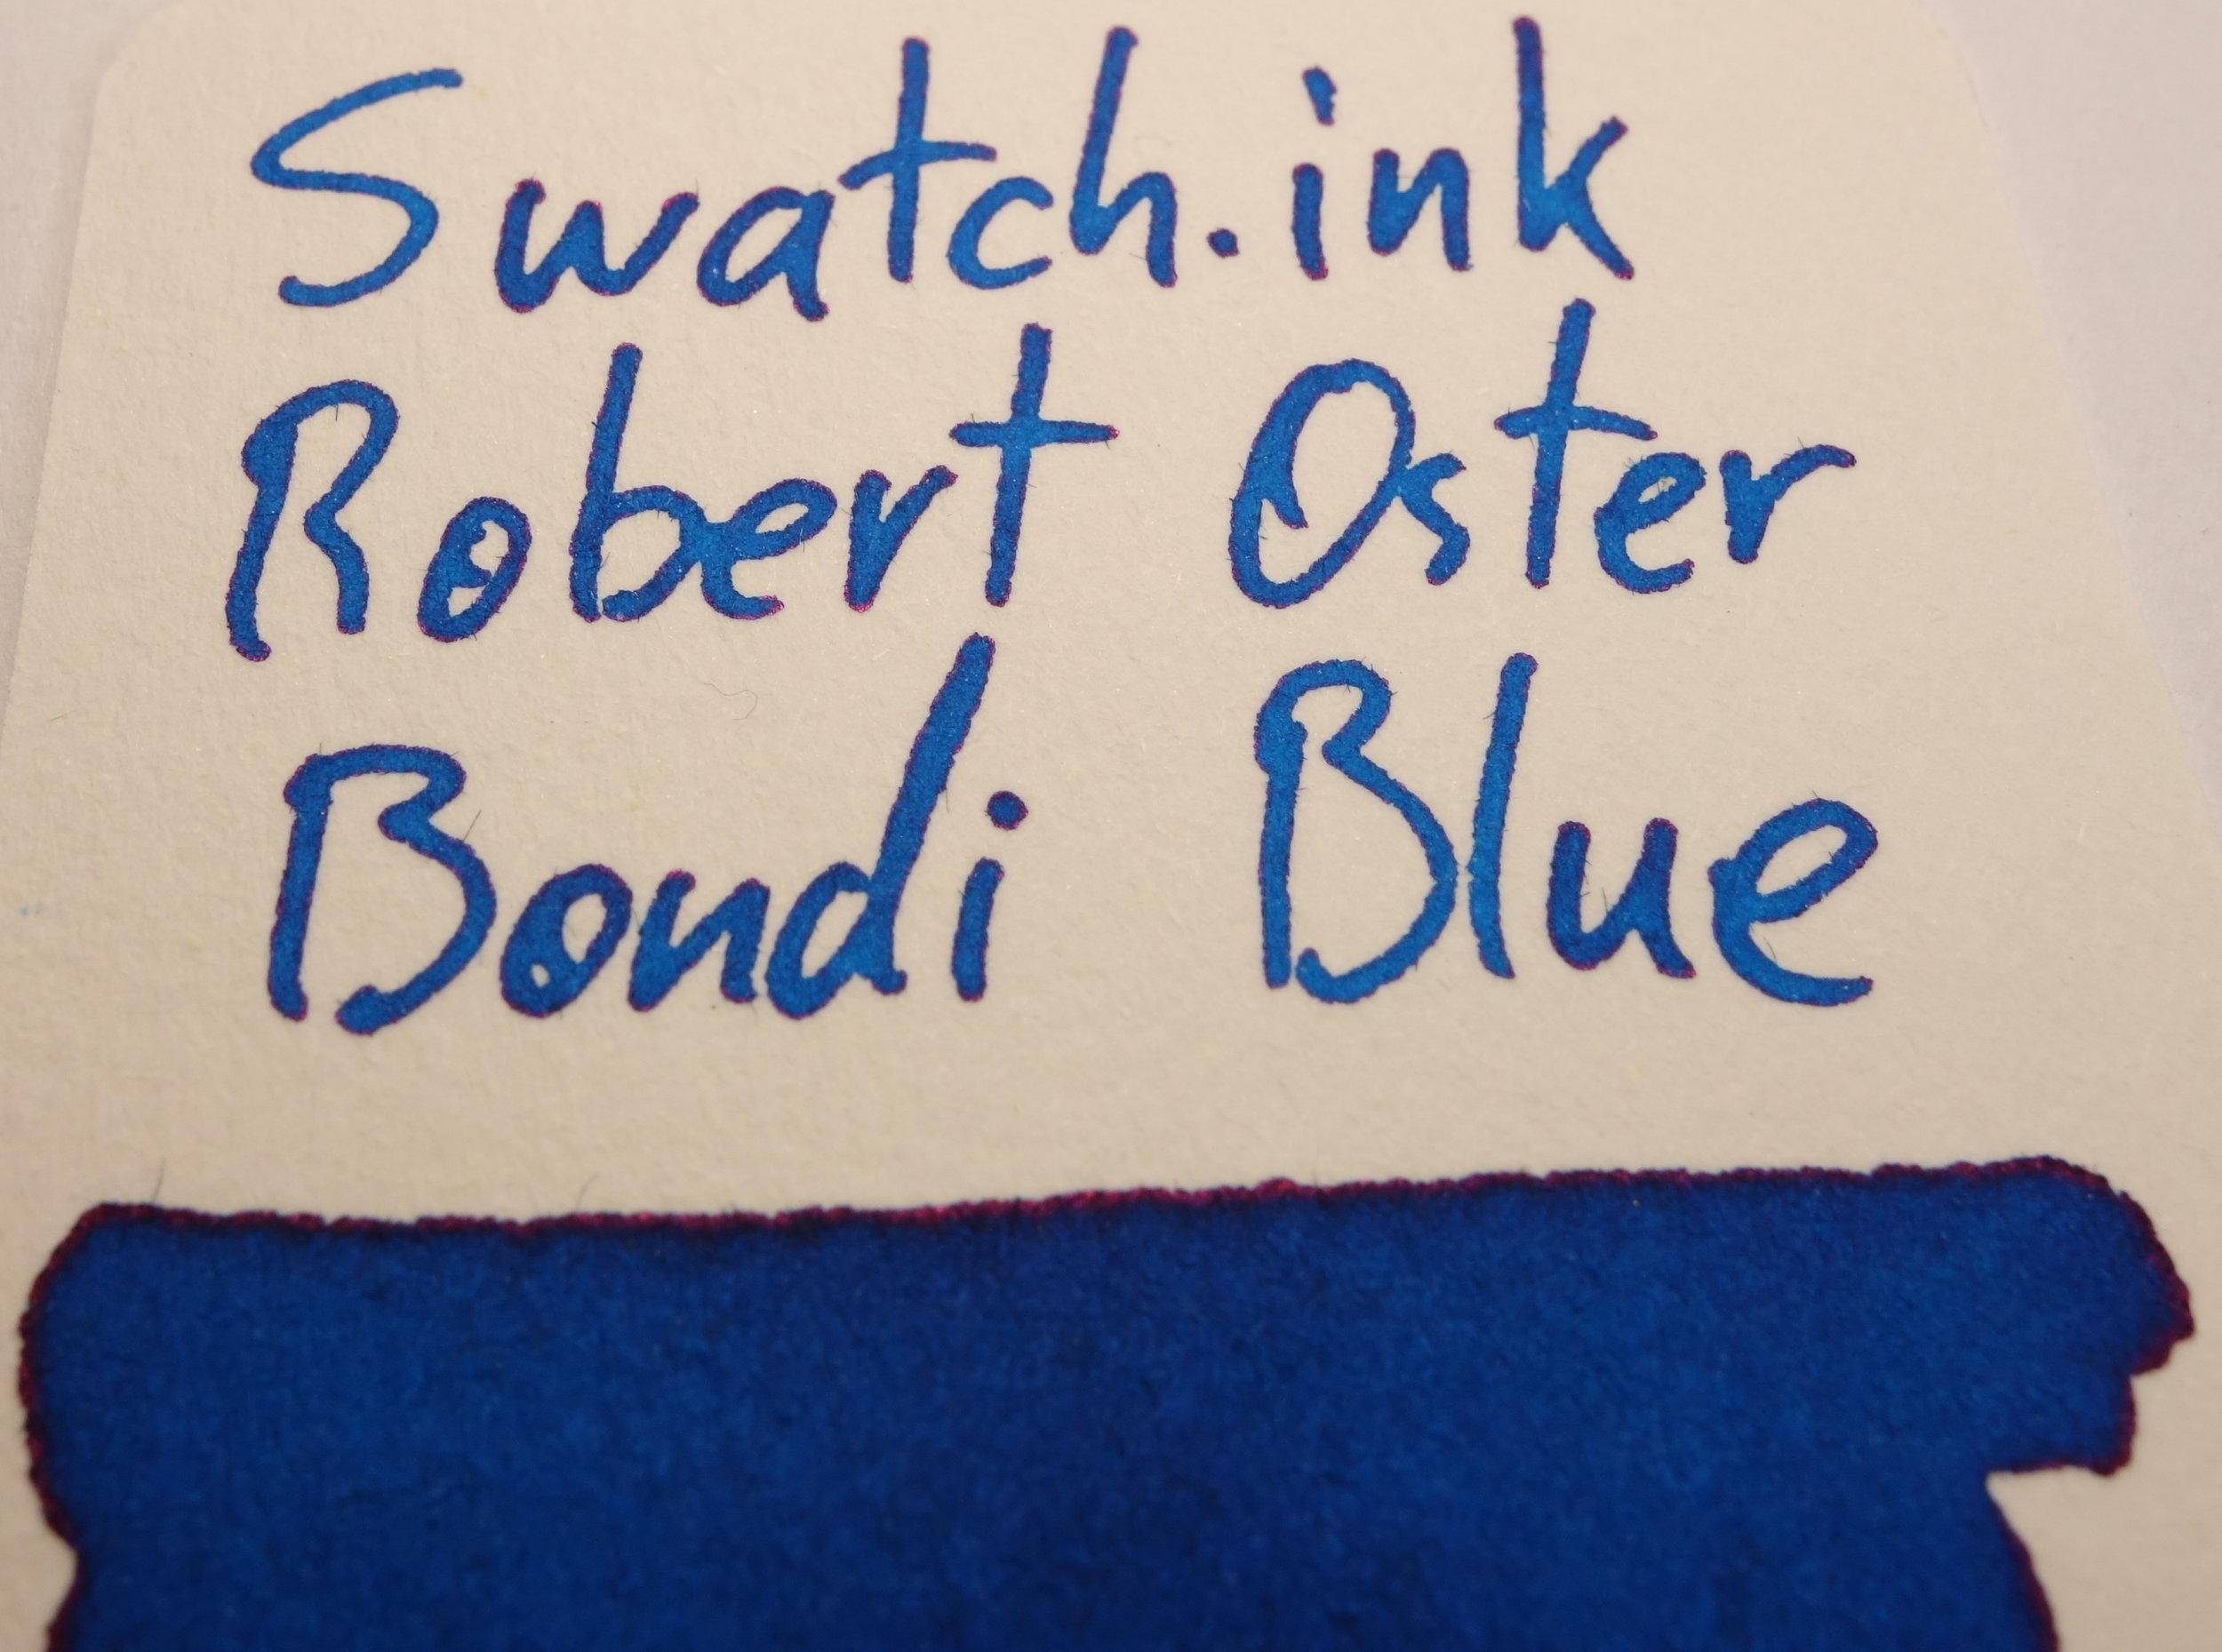 Robert Oster Bondi Blue Sheen Swatch.ink.JPG